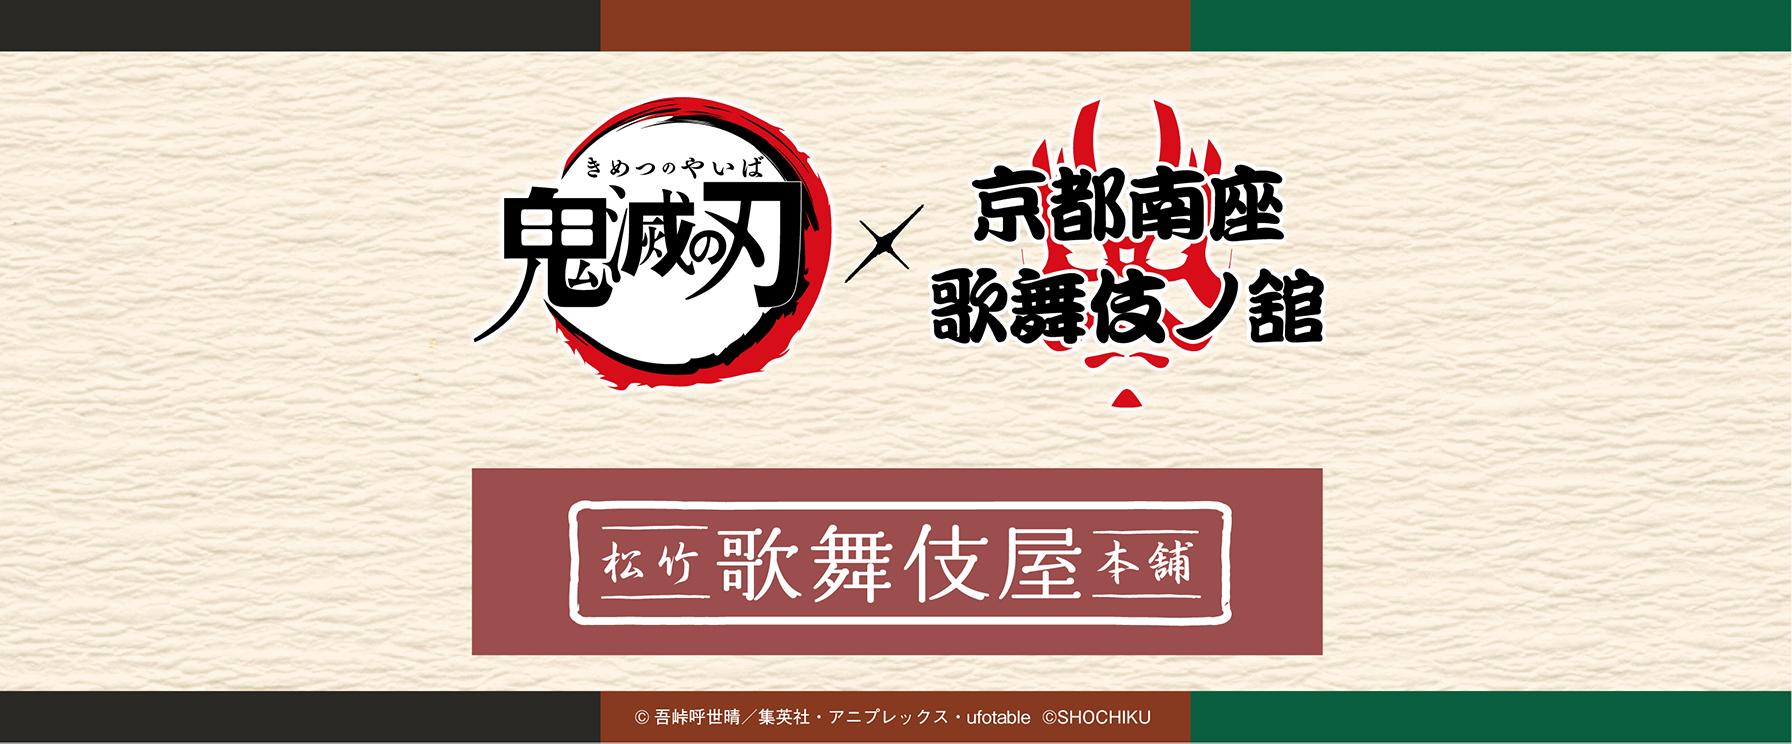 【12月26日(土)】「鬼滅の刃 × 京都南座 歌舞伎ノ舘」コラボグッズ事後物販